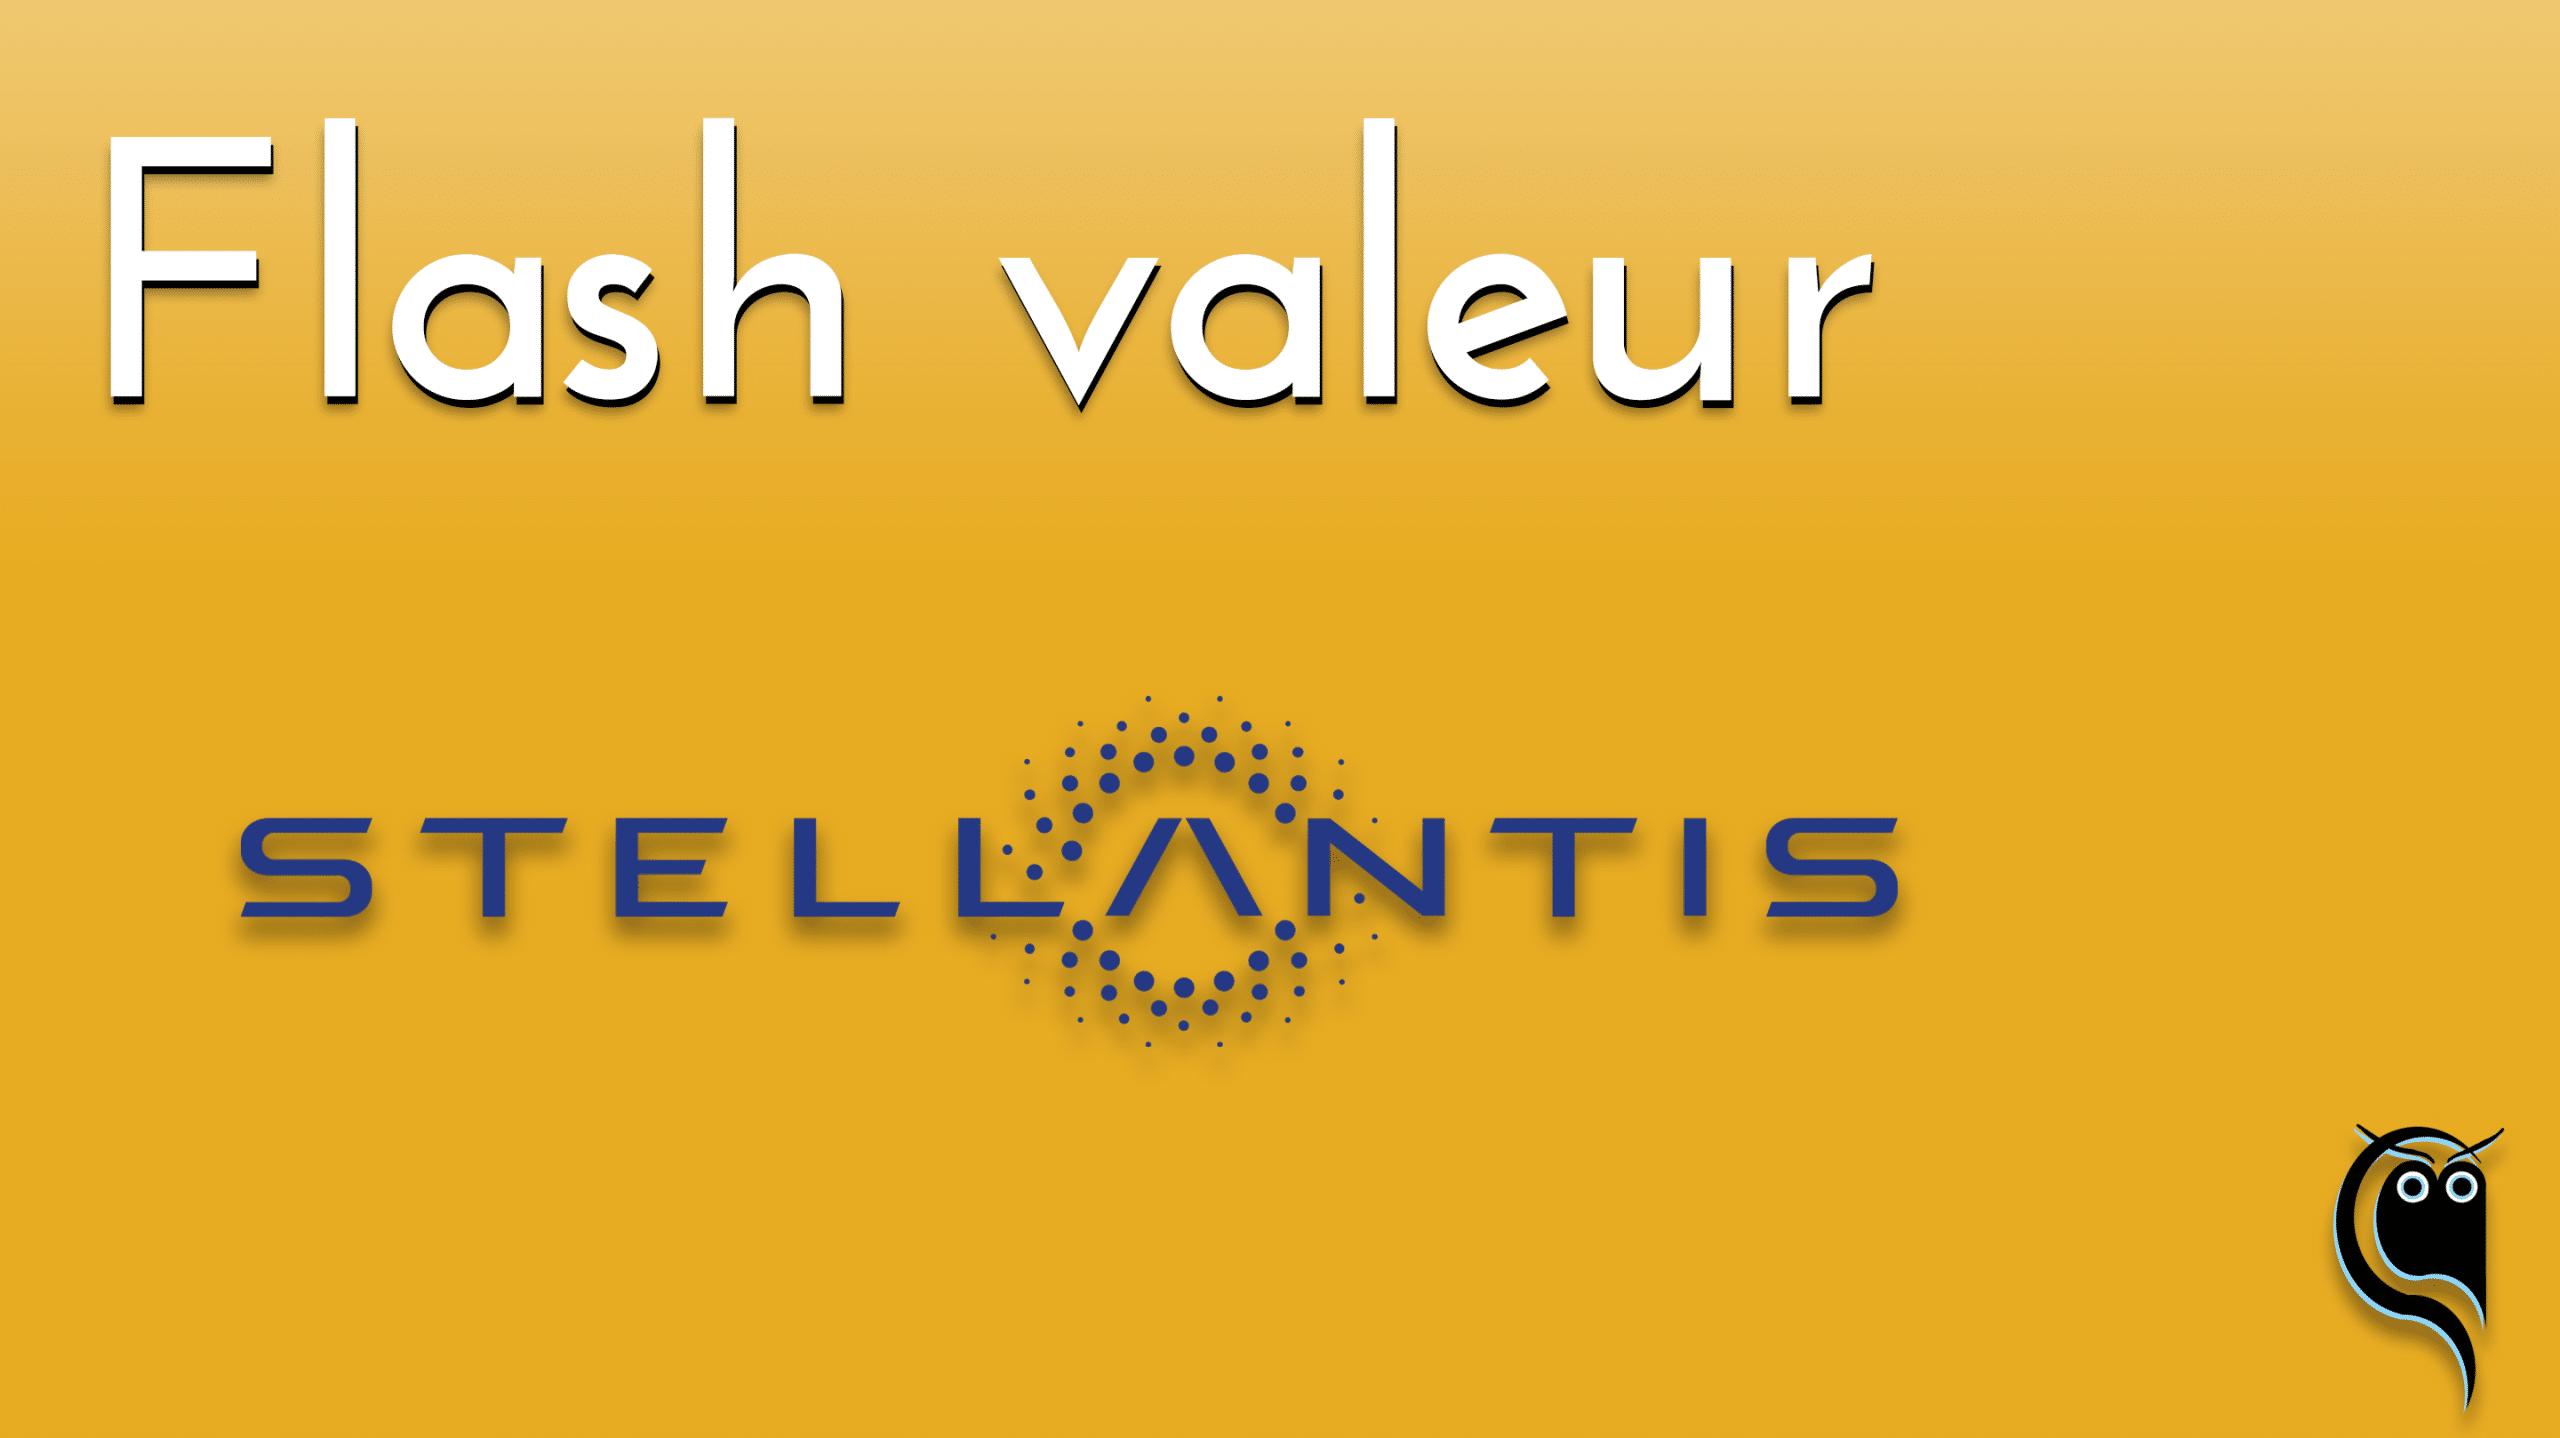 Flash Stellantis - résultats 1er trimestre 2021